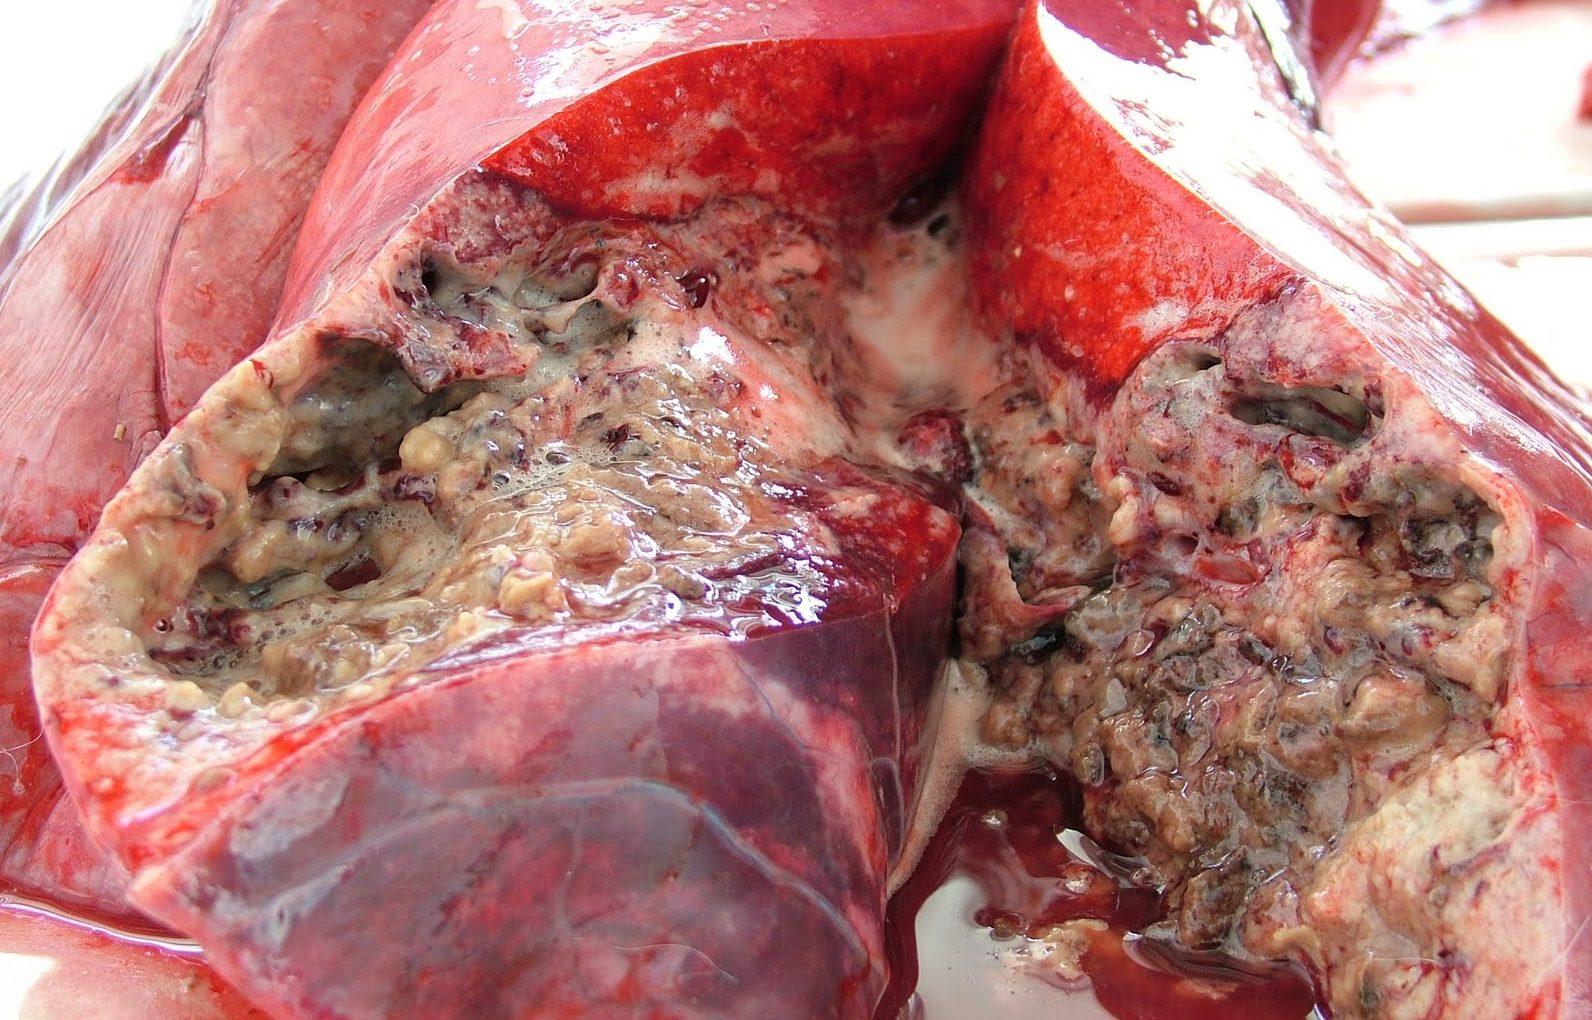 bovine-tb-symptoms-virtualdr.ir